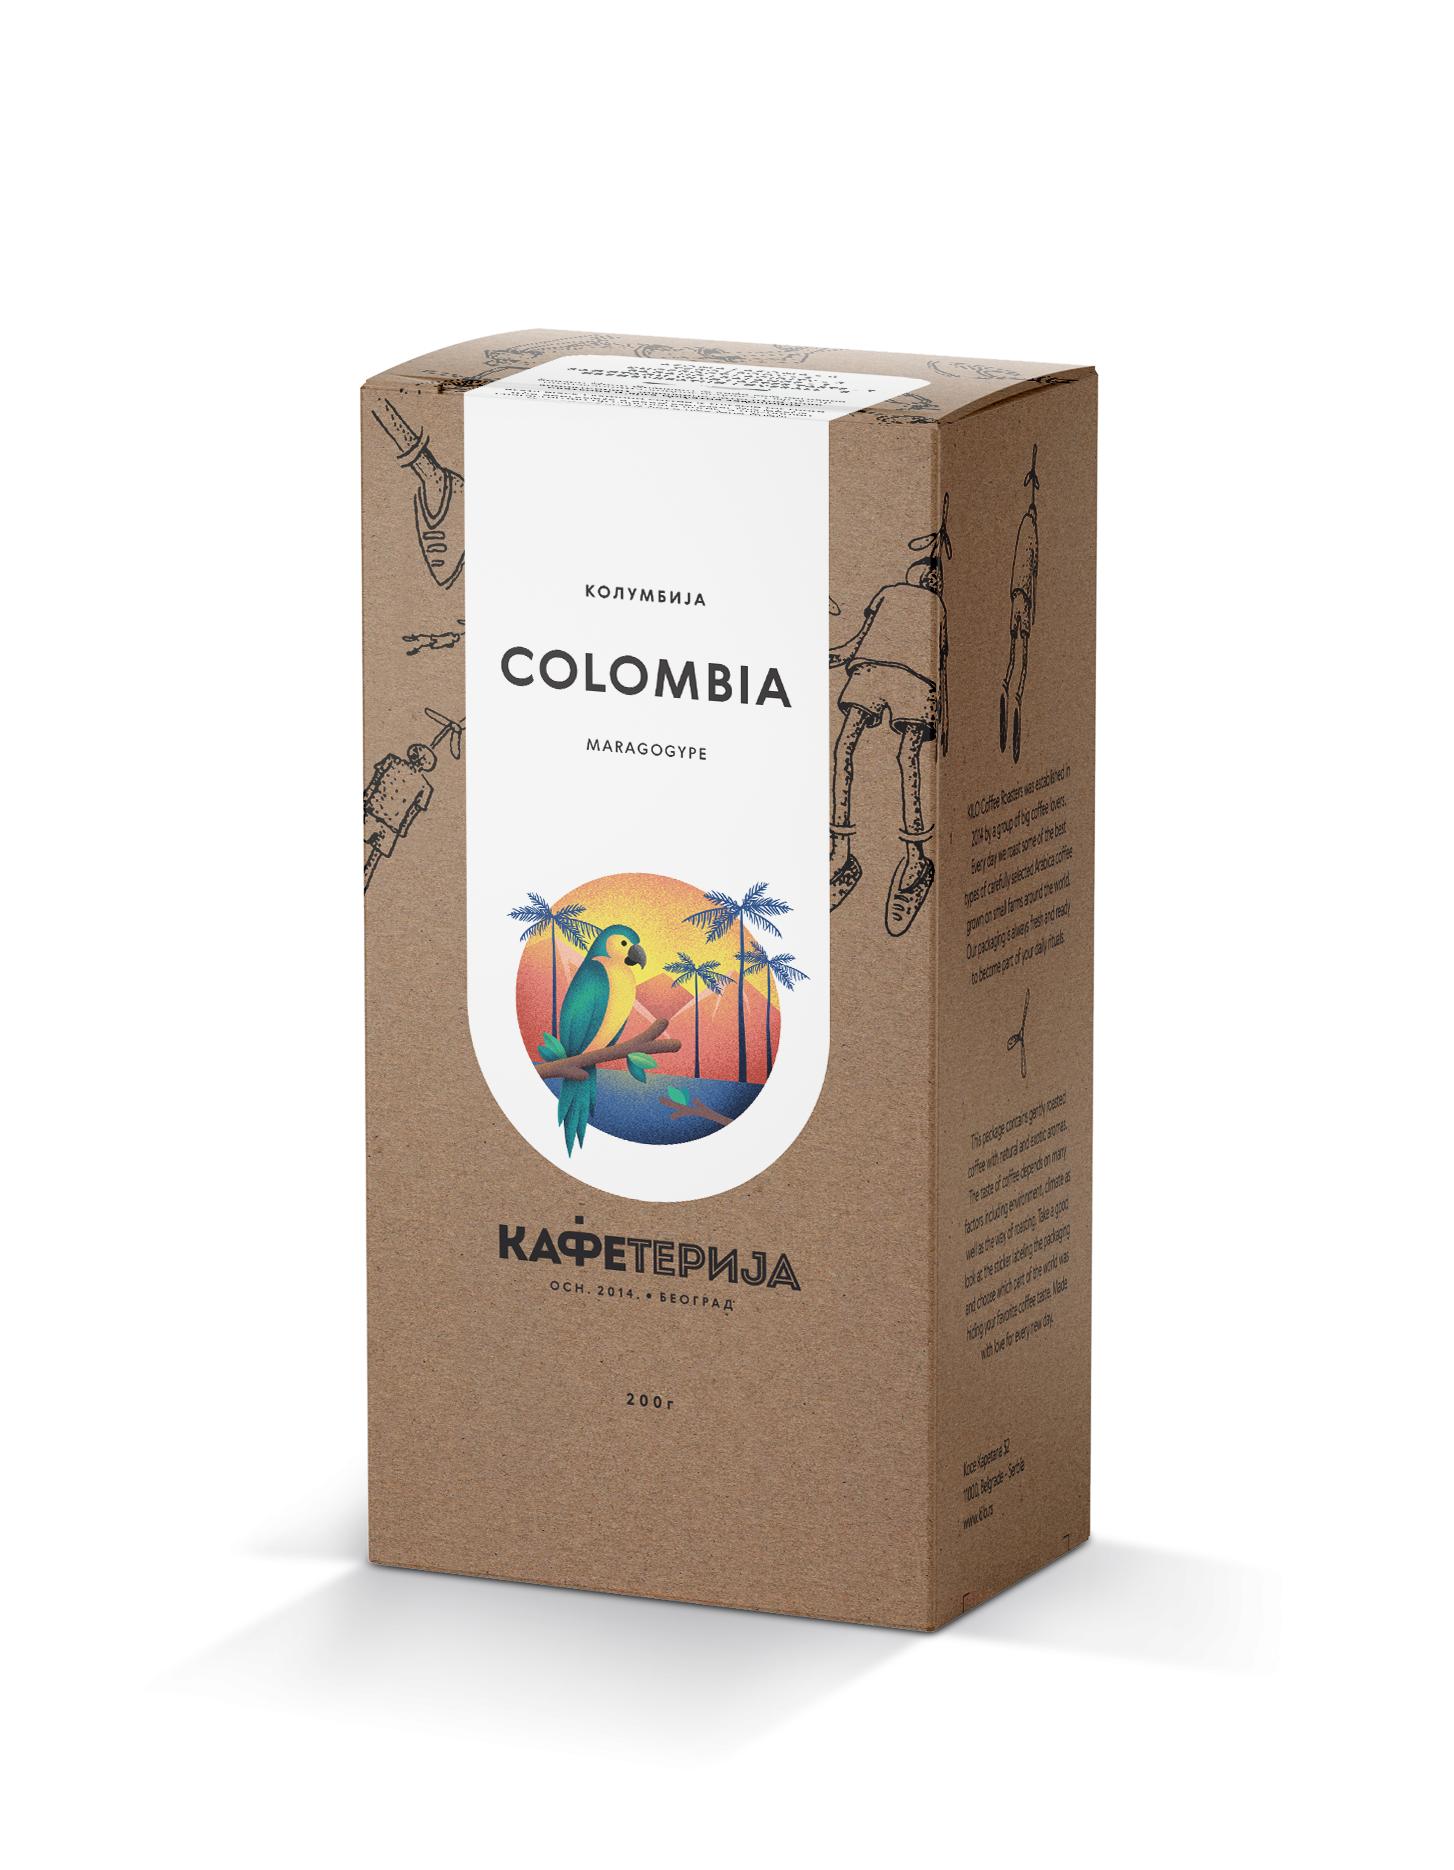 Colombia Maragogype